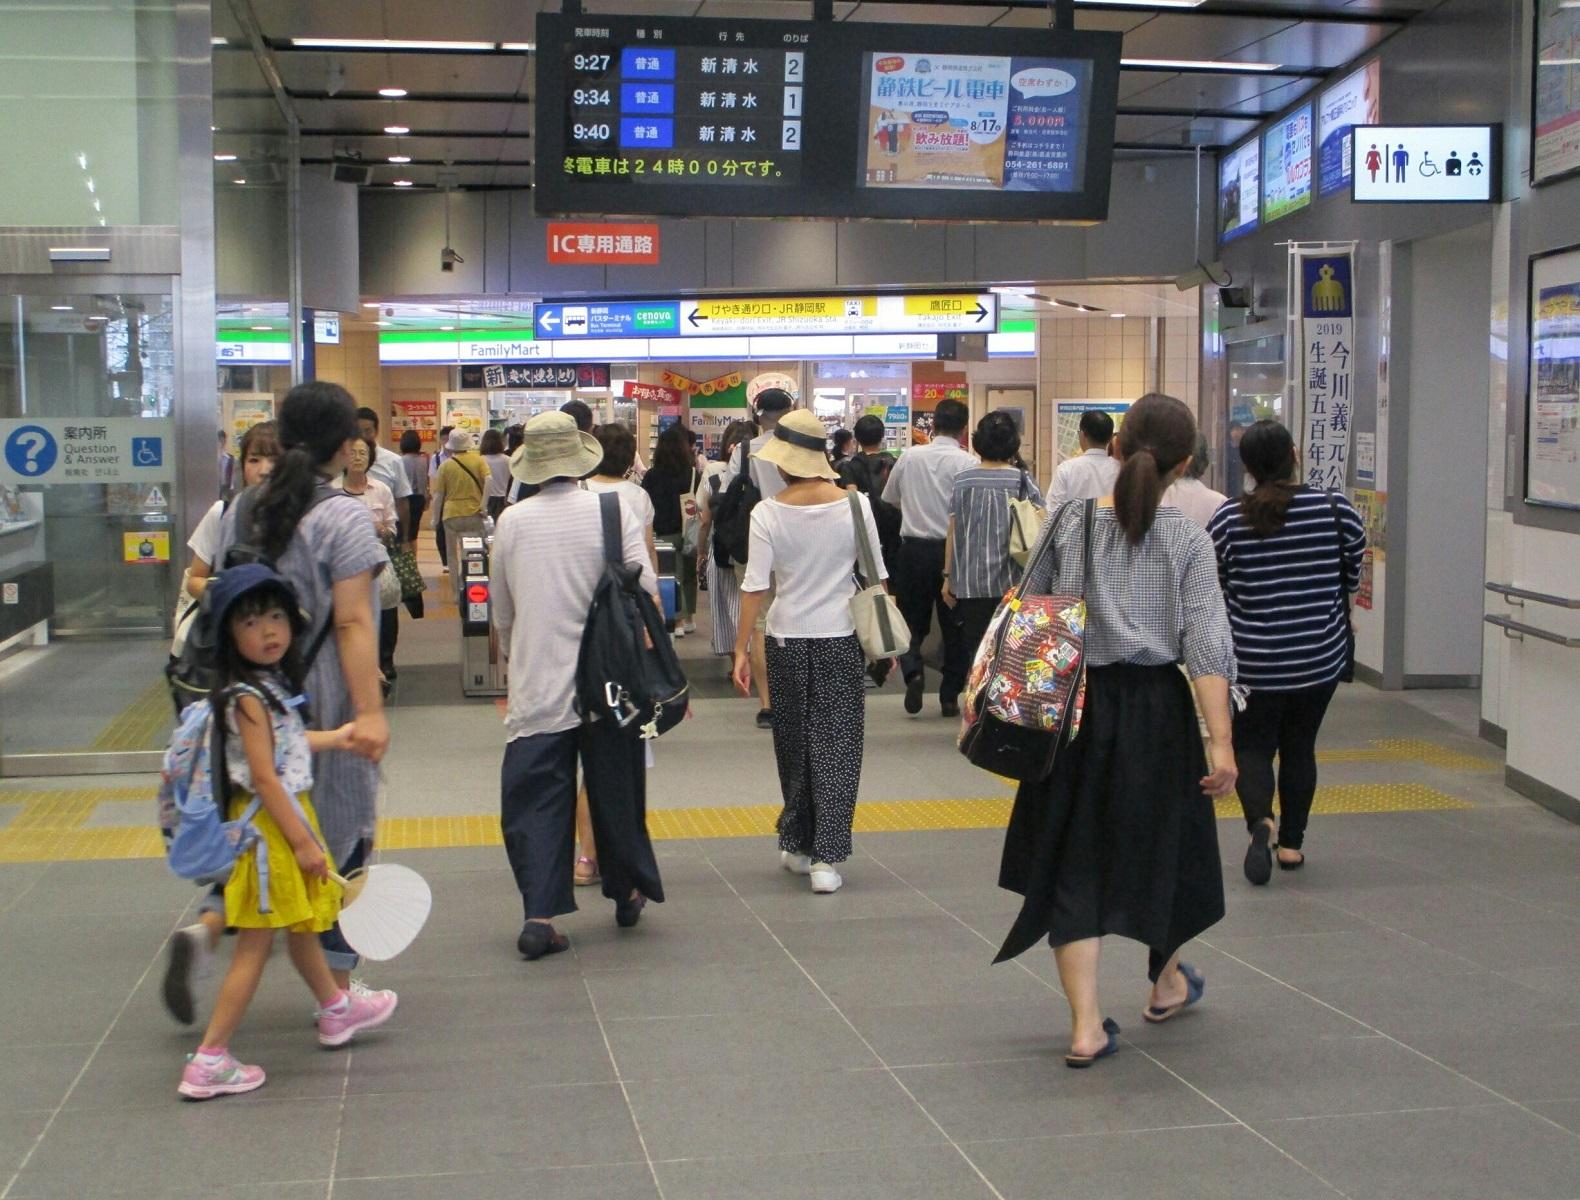 2018.8.10 (34) 新静岡 - かいさつ 1580-1200